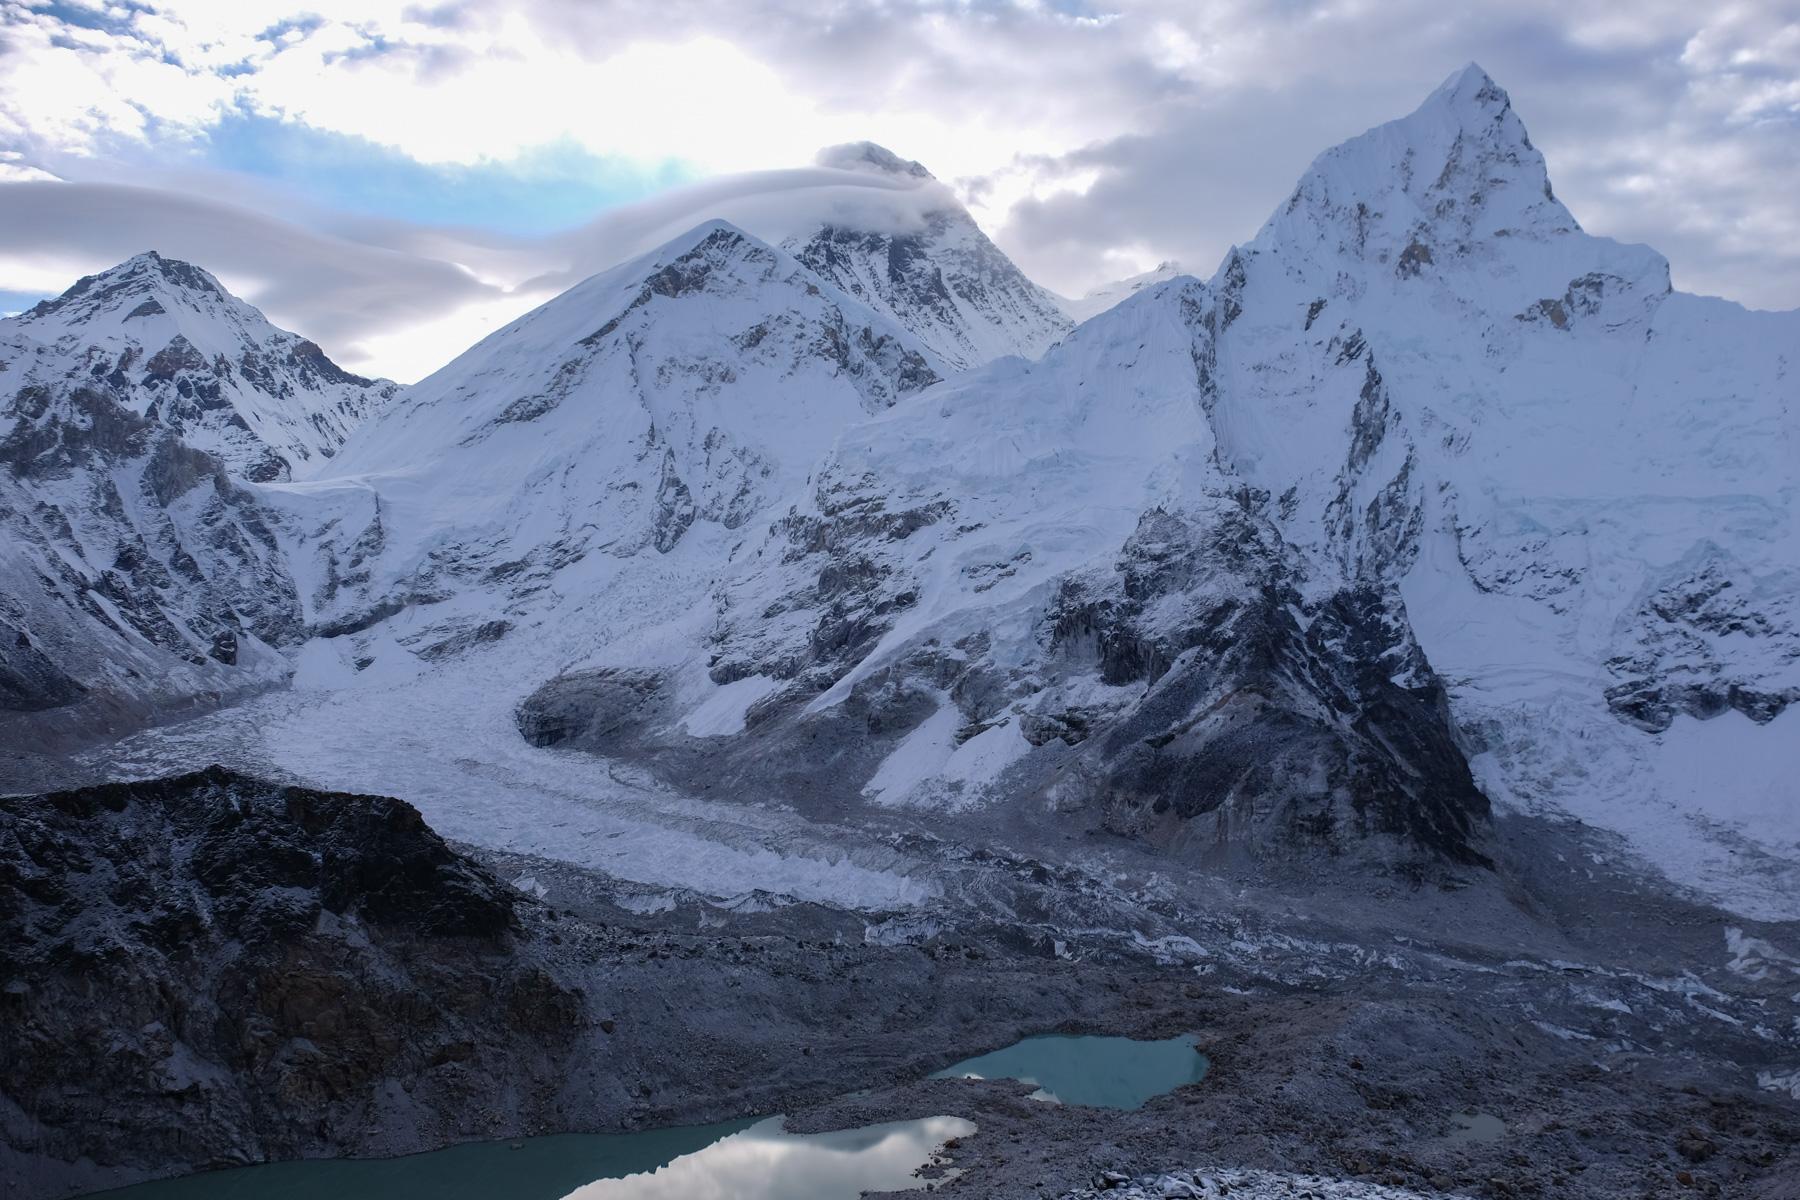 Kala Patthar & Gokyo, Everest 3 pass #3 8